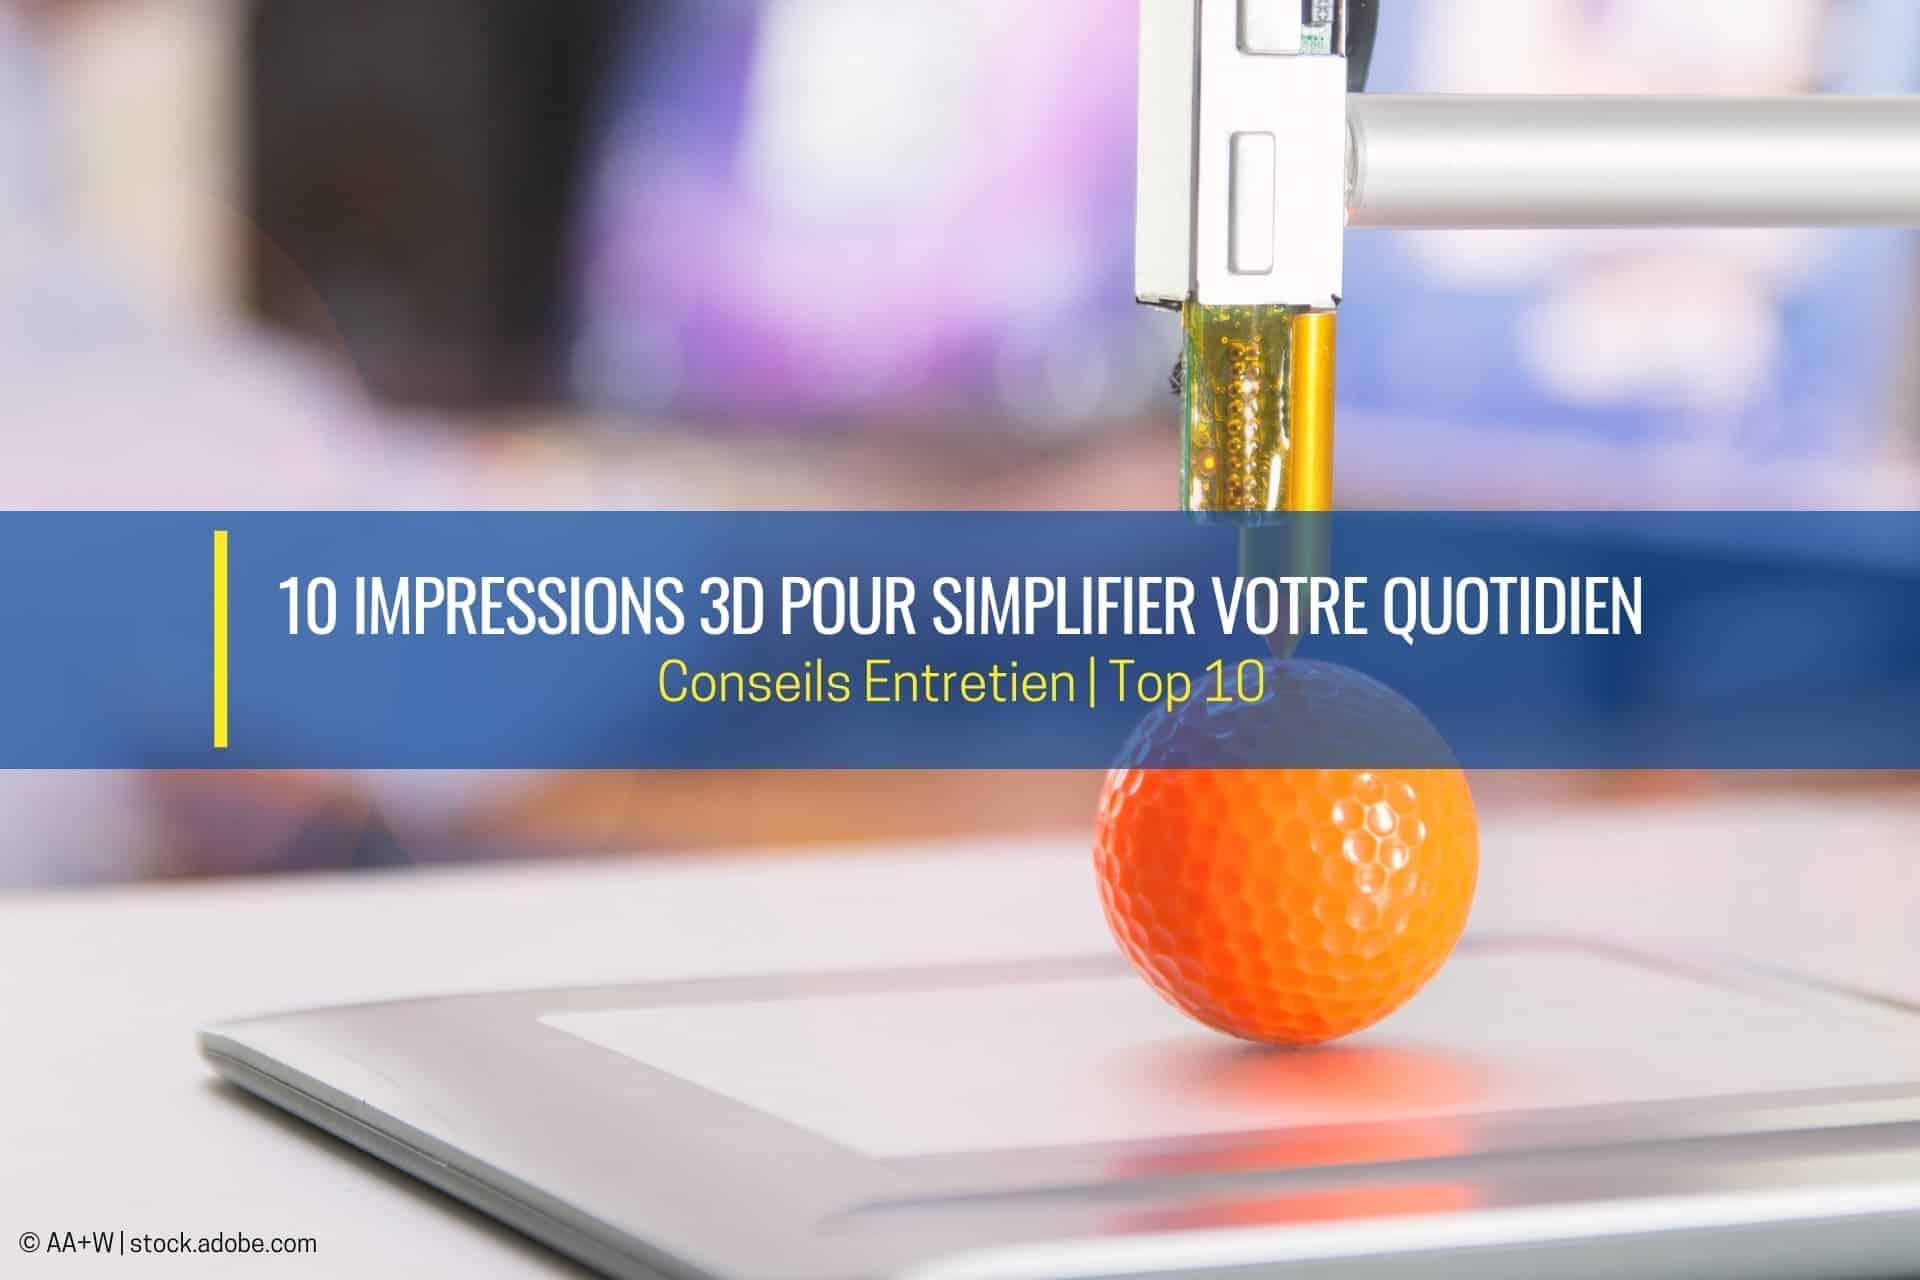 Votre 40 Simplifier Impressions Fr 10 Pour QuotidienWd 3d MpGSVzqU